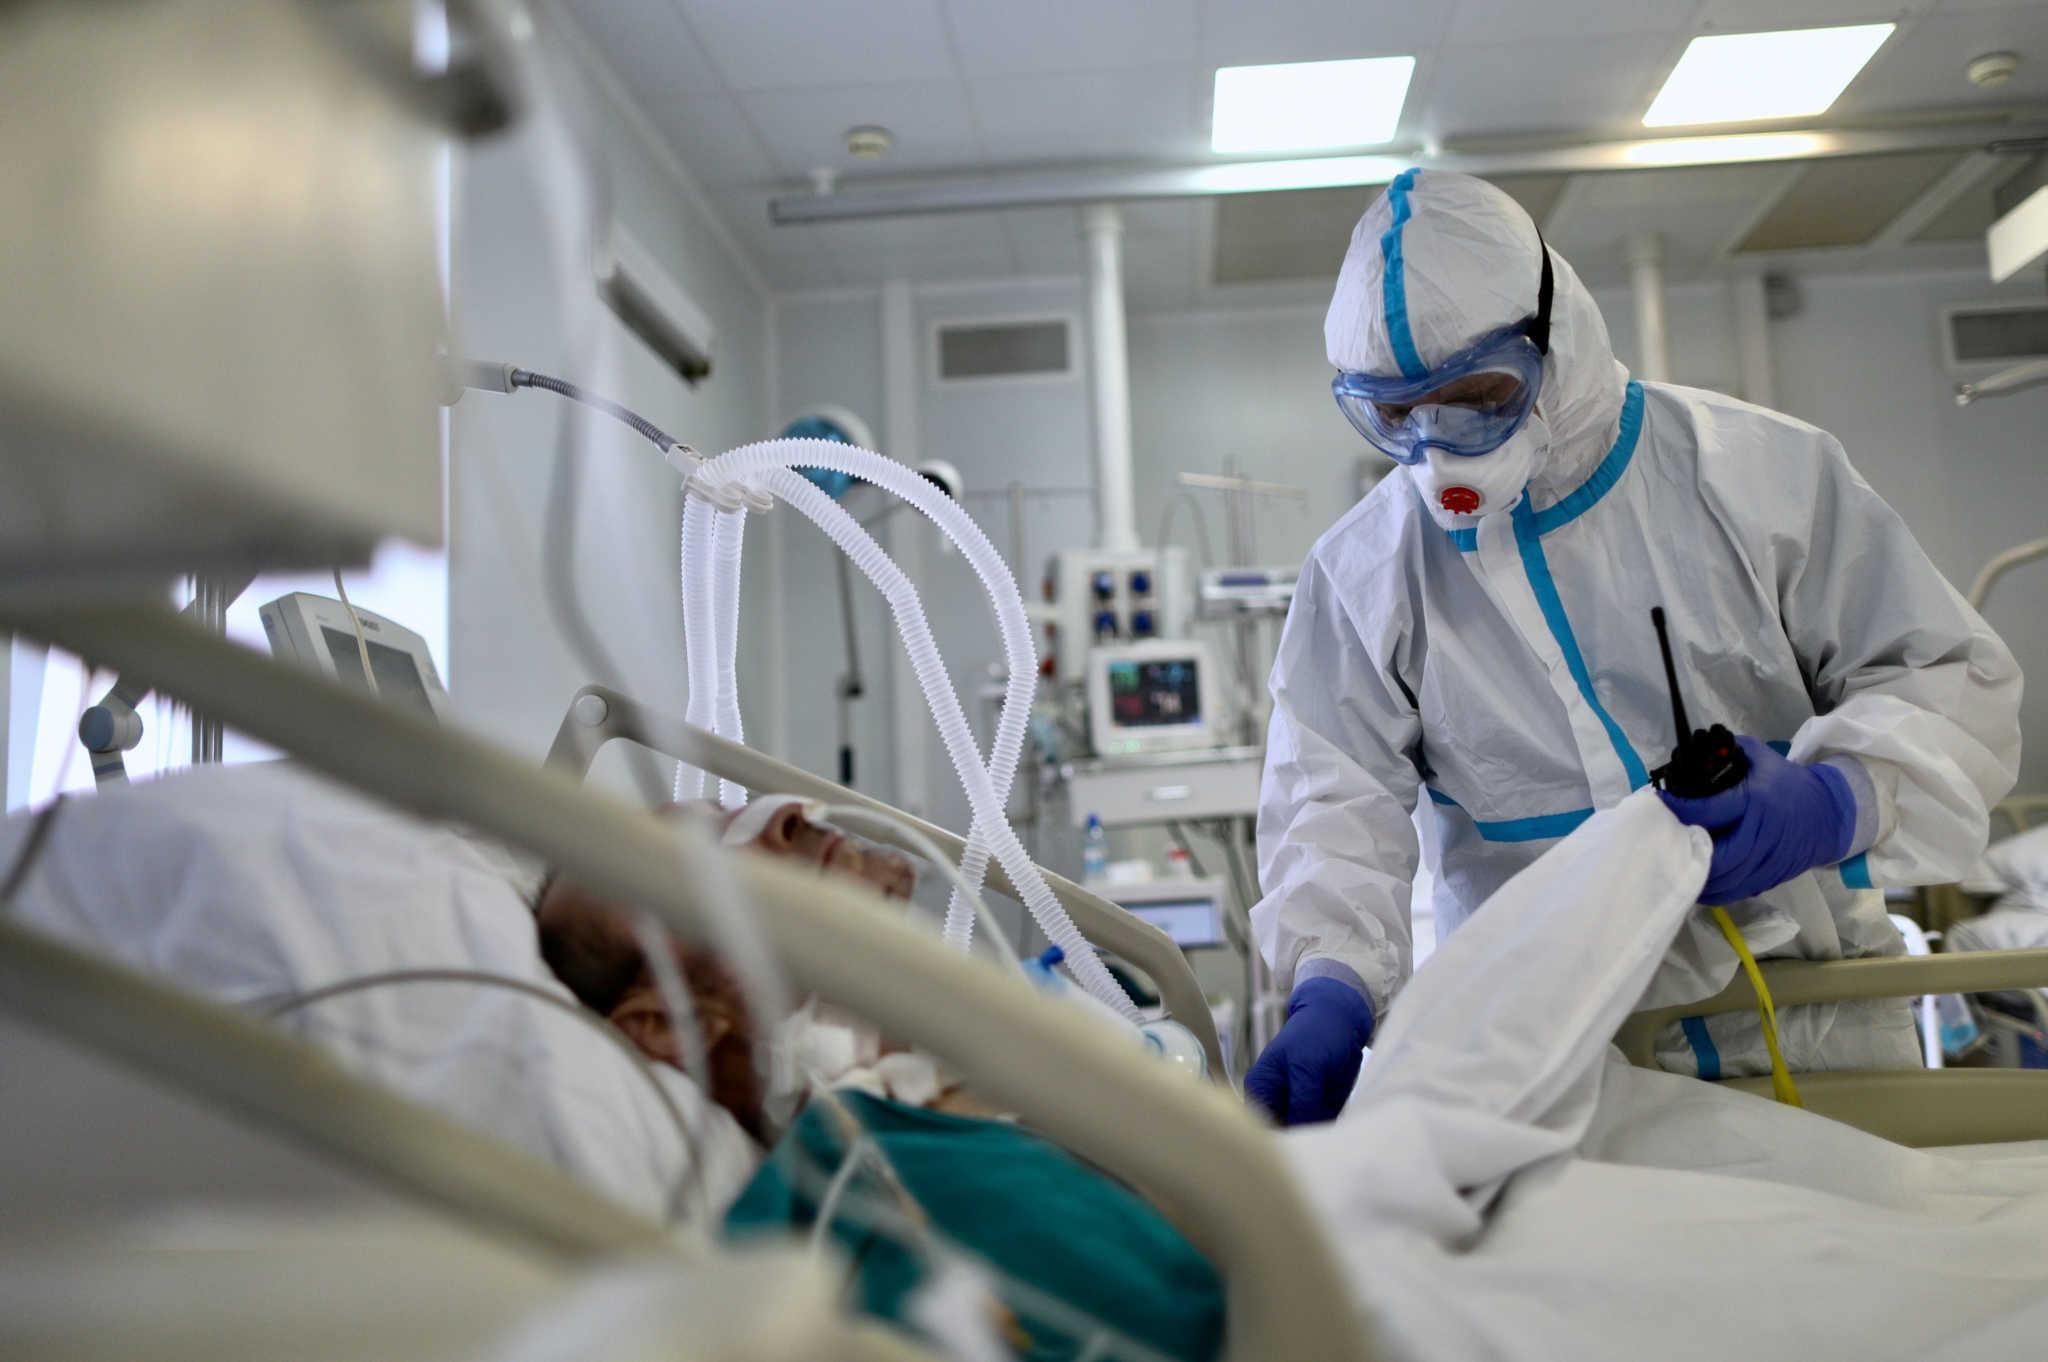 Κορονοϊός: Πάνω από 6 εκατομμύρια κρούσματα και 366.000 νεκροί σε όλο τον κόσμο